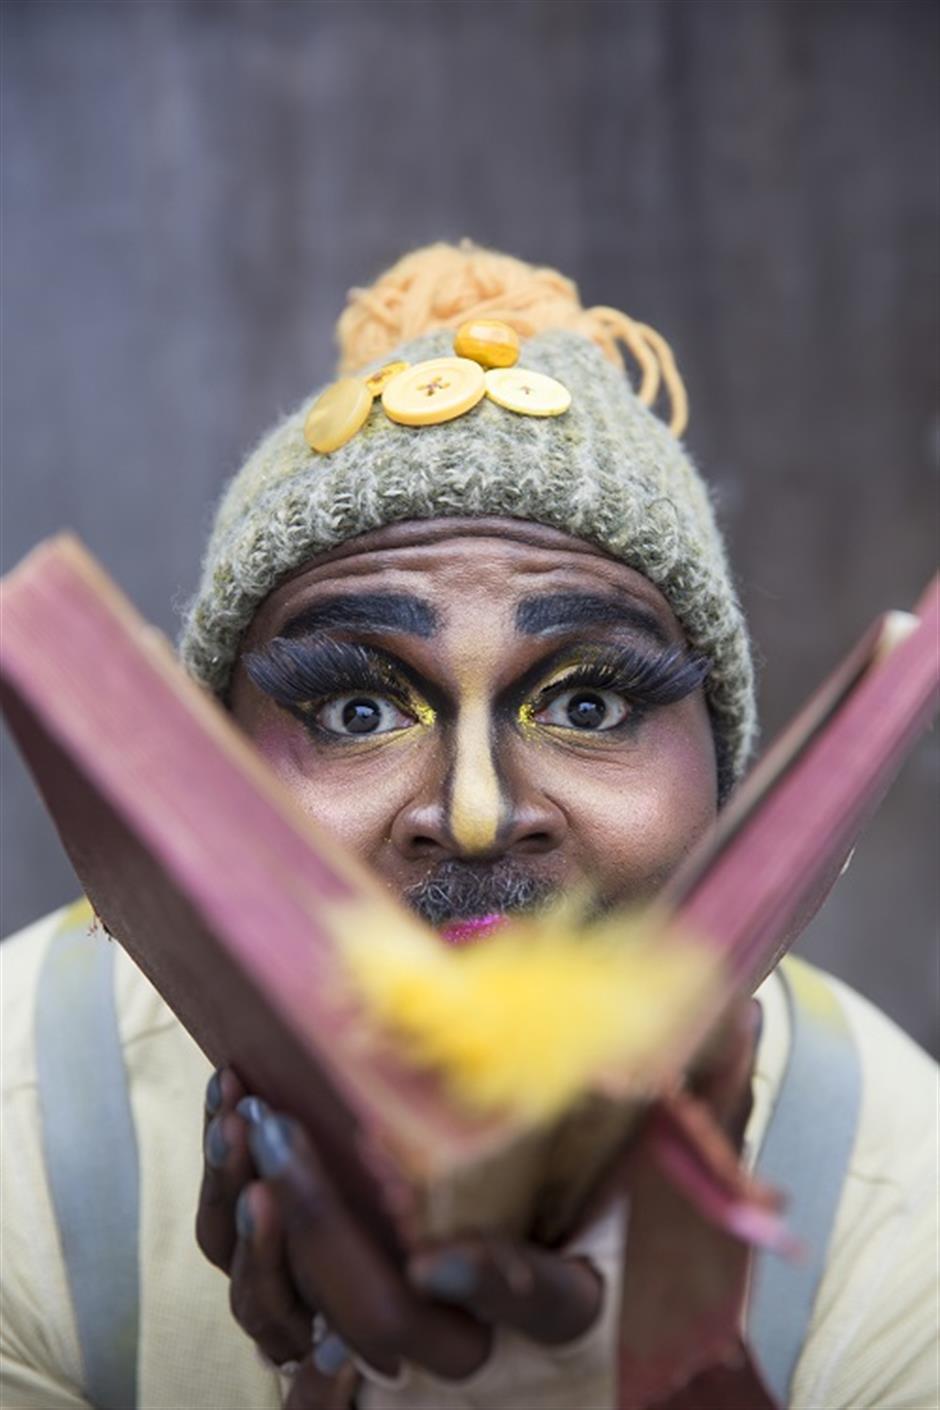 Le Gateau Chocolat: Duckie